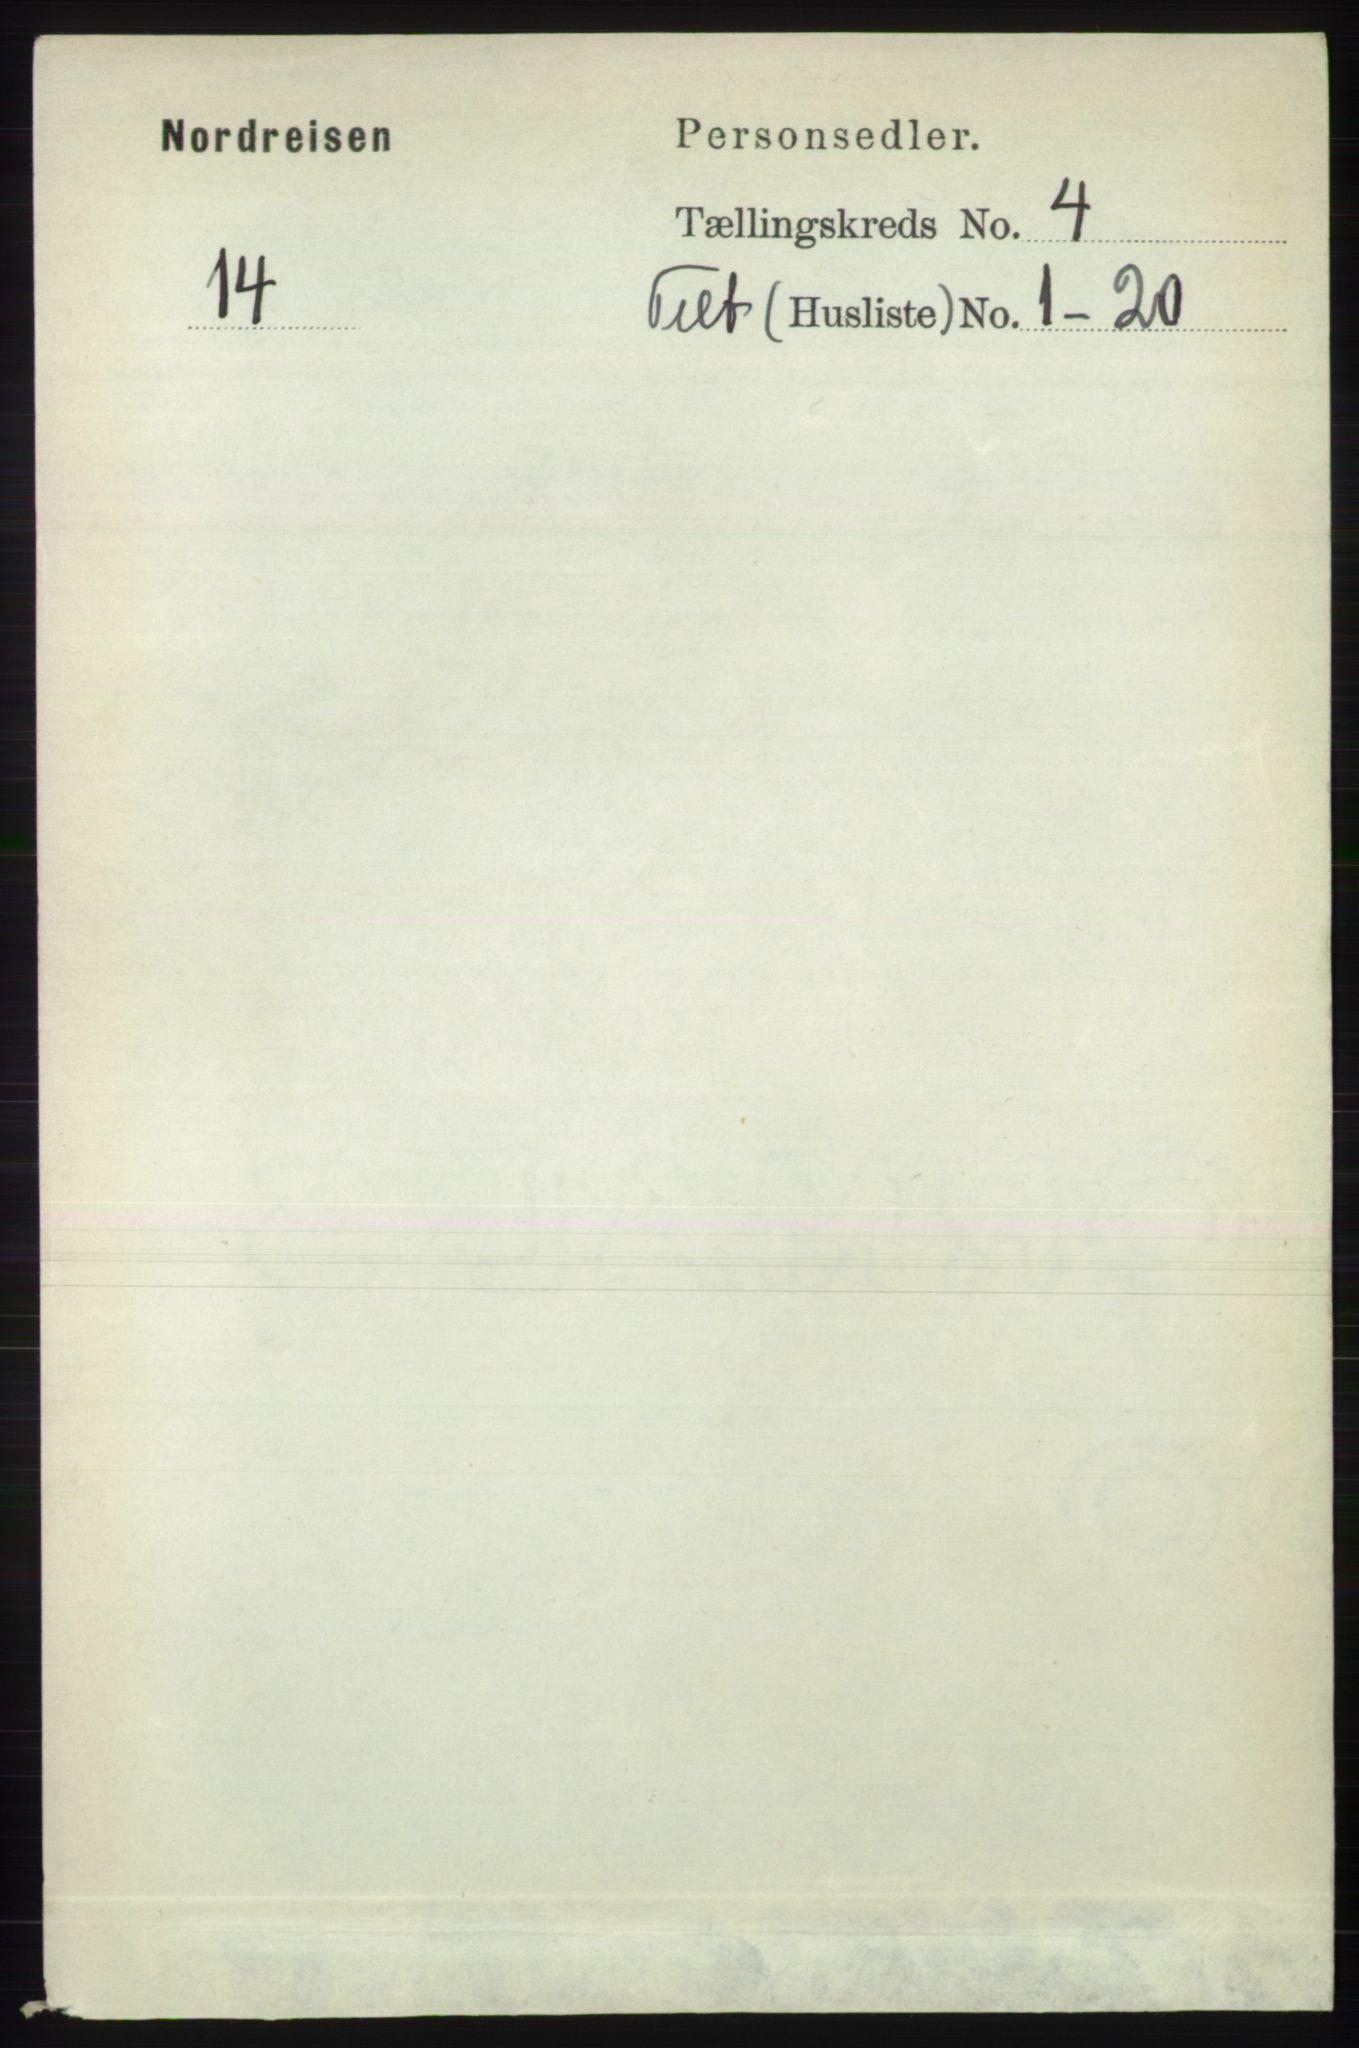 RA, Folketelling 1891 for 1942 Nordreisa herred, 1891, s. 1530